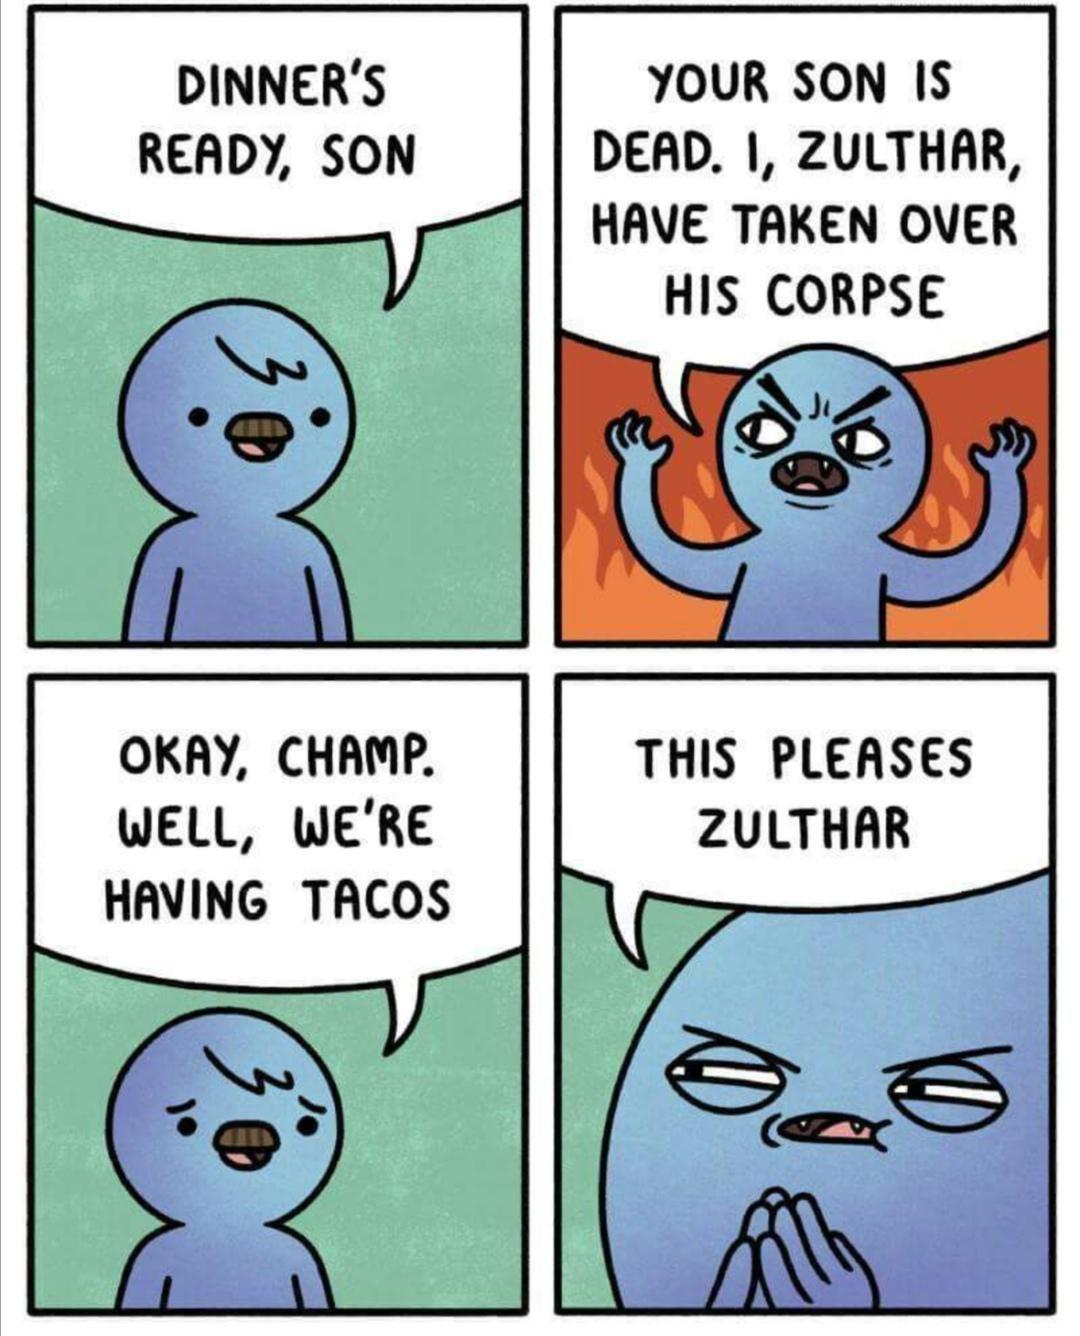 Zulthar